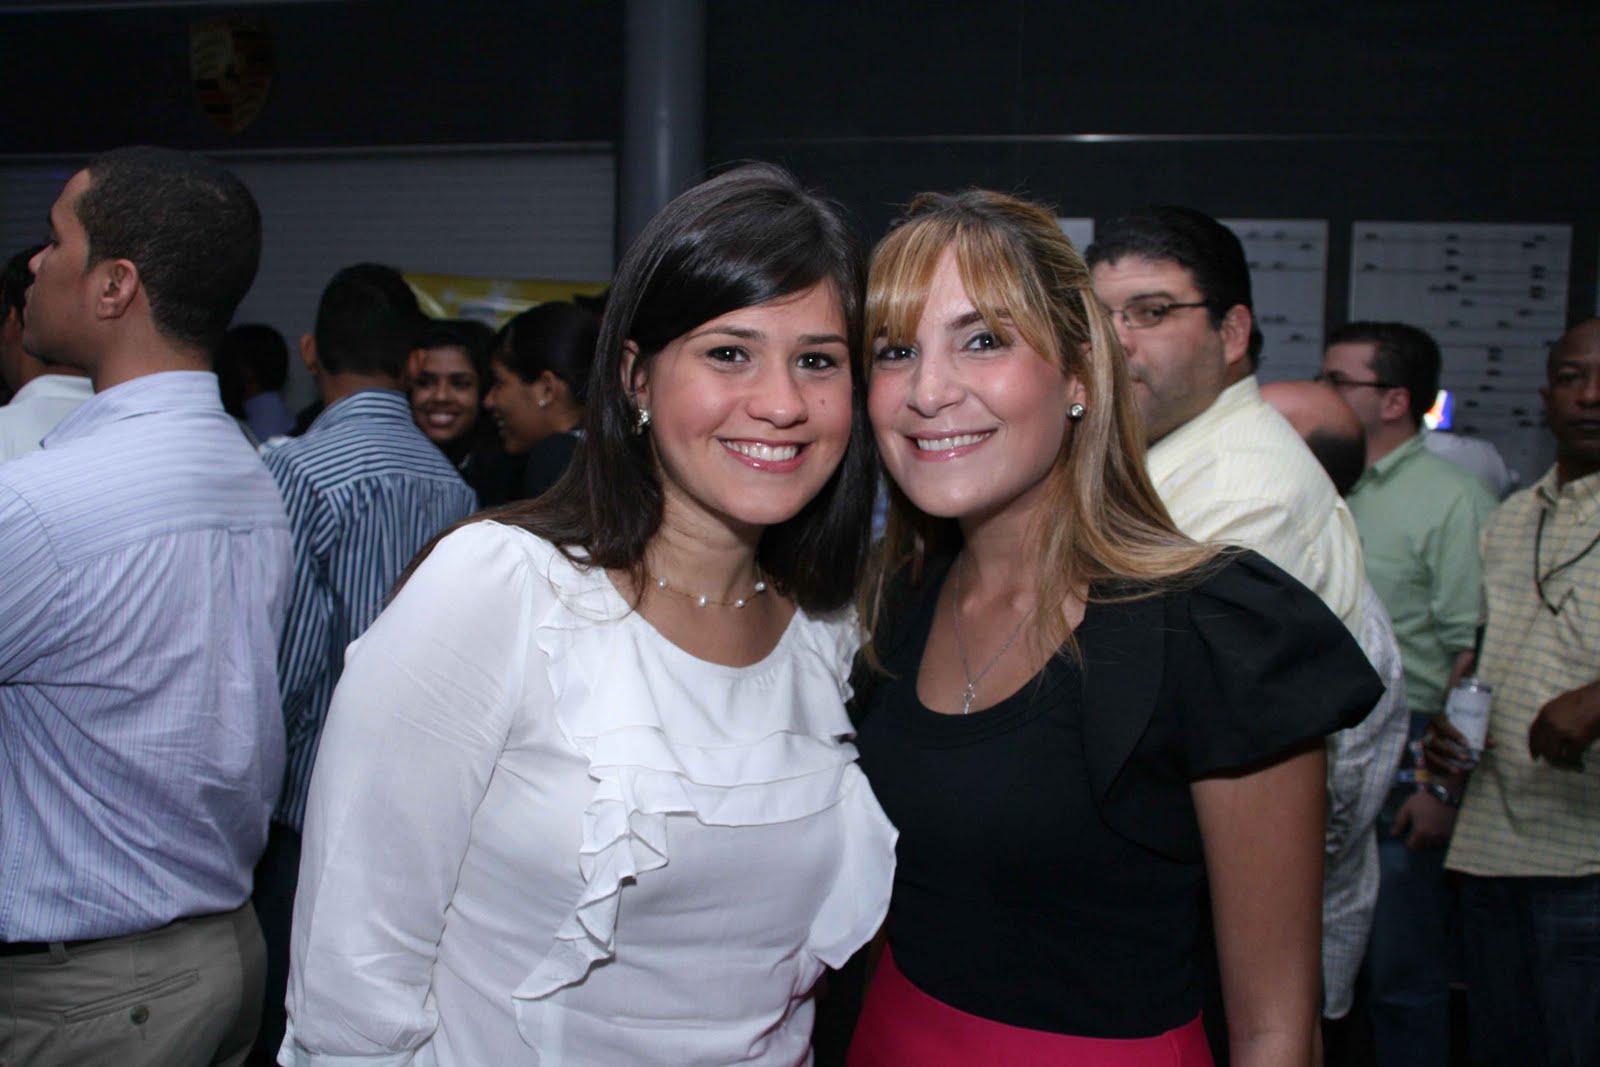 Anna Santos Abril 2010: TIEMPO HABITUAL ONLINE